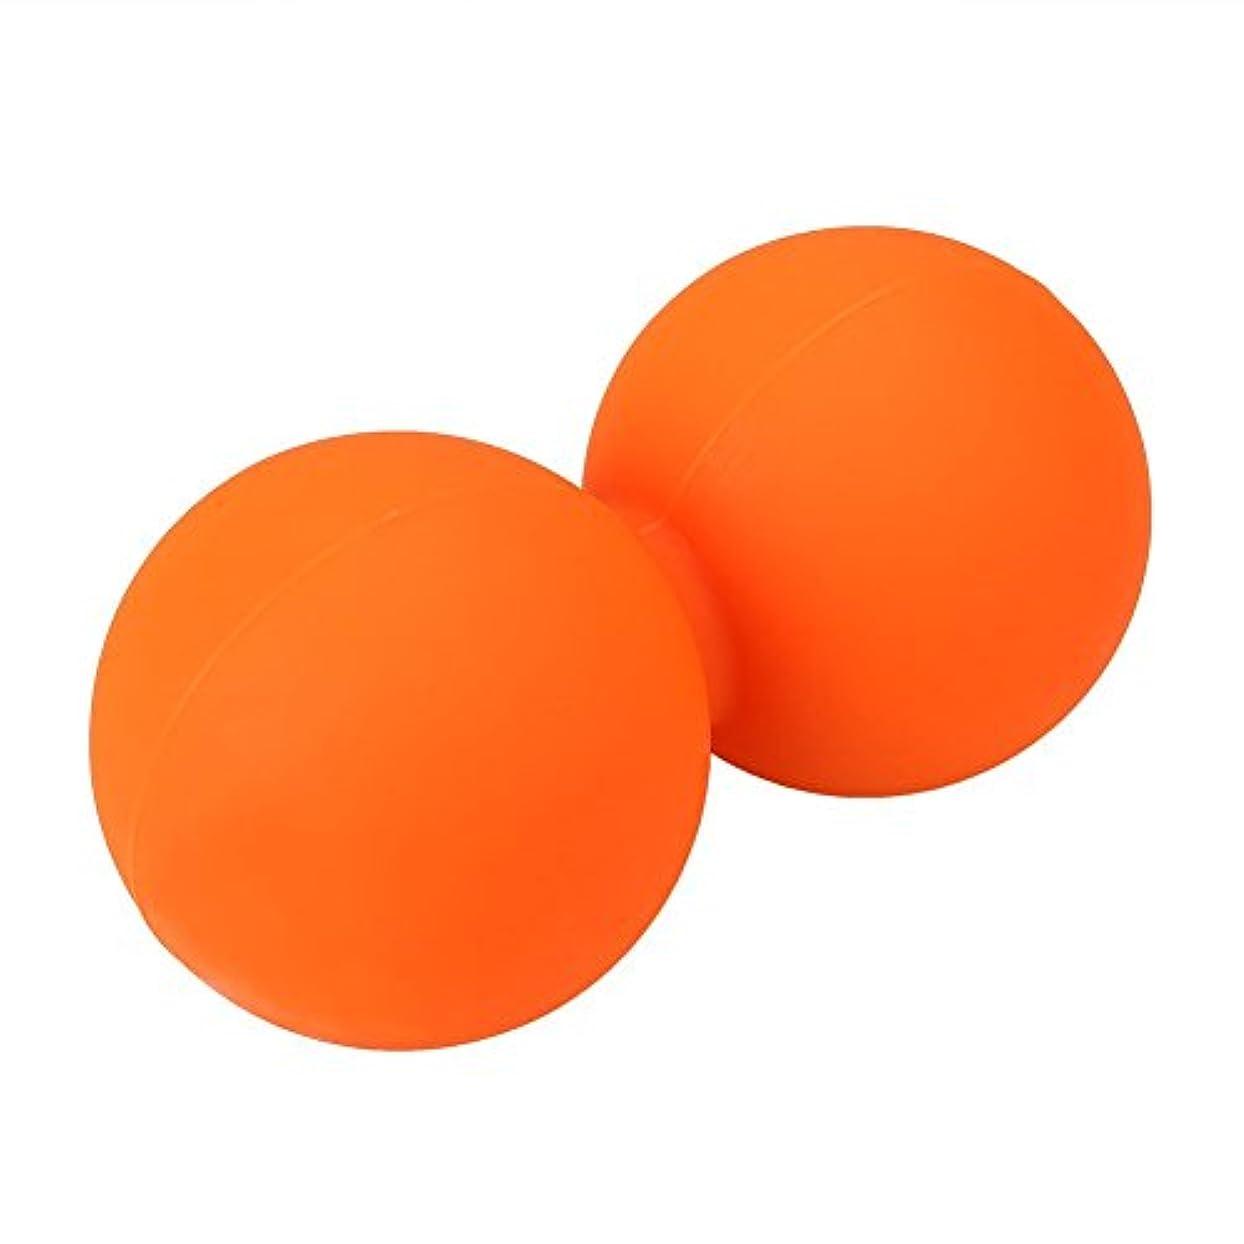 辞任する確実に話すattachmenttou スパイクマッサージボールダブルラクロス 筋筋膜トリガーリリースピーナッツ マッサージクロスボール 運動